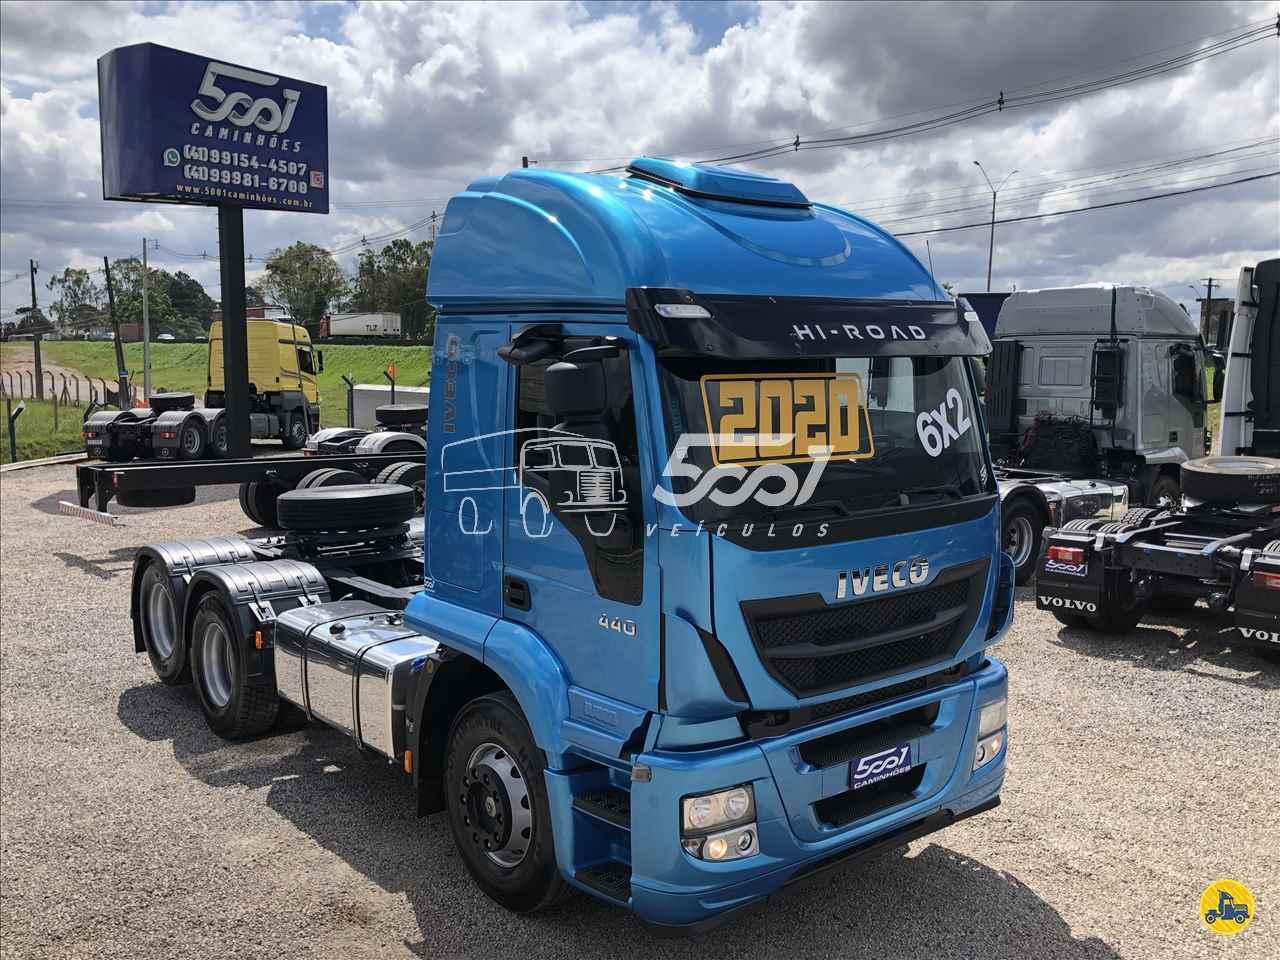 CAMINHAO IVECO STRALIS 440 Cavalo Mecânico Truck 6x2 5001 Veículos - São José dos Pinhais SAO JOSE DOS PINHAIS PARANÁ PR